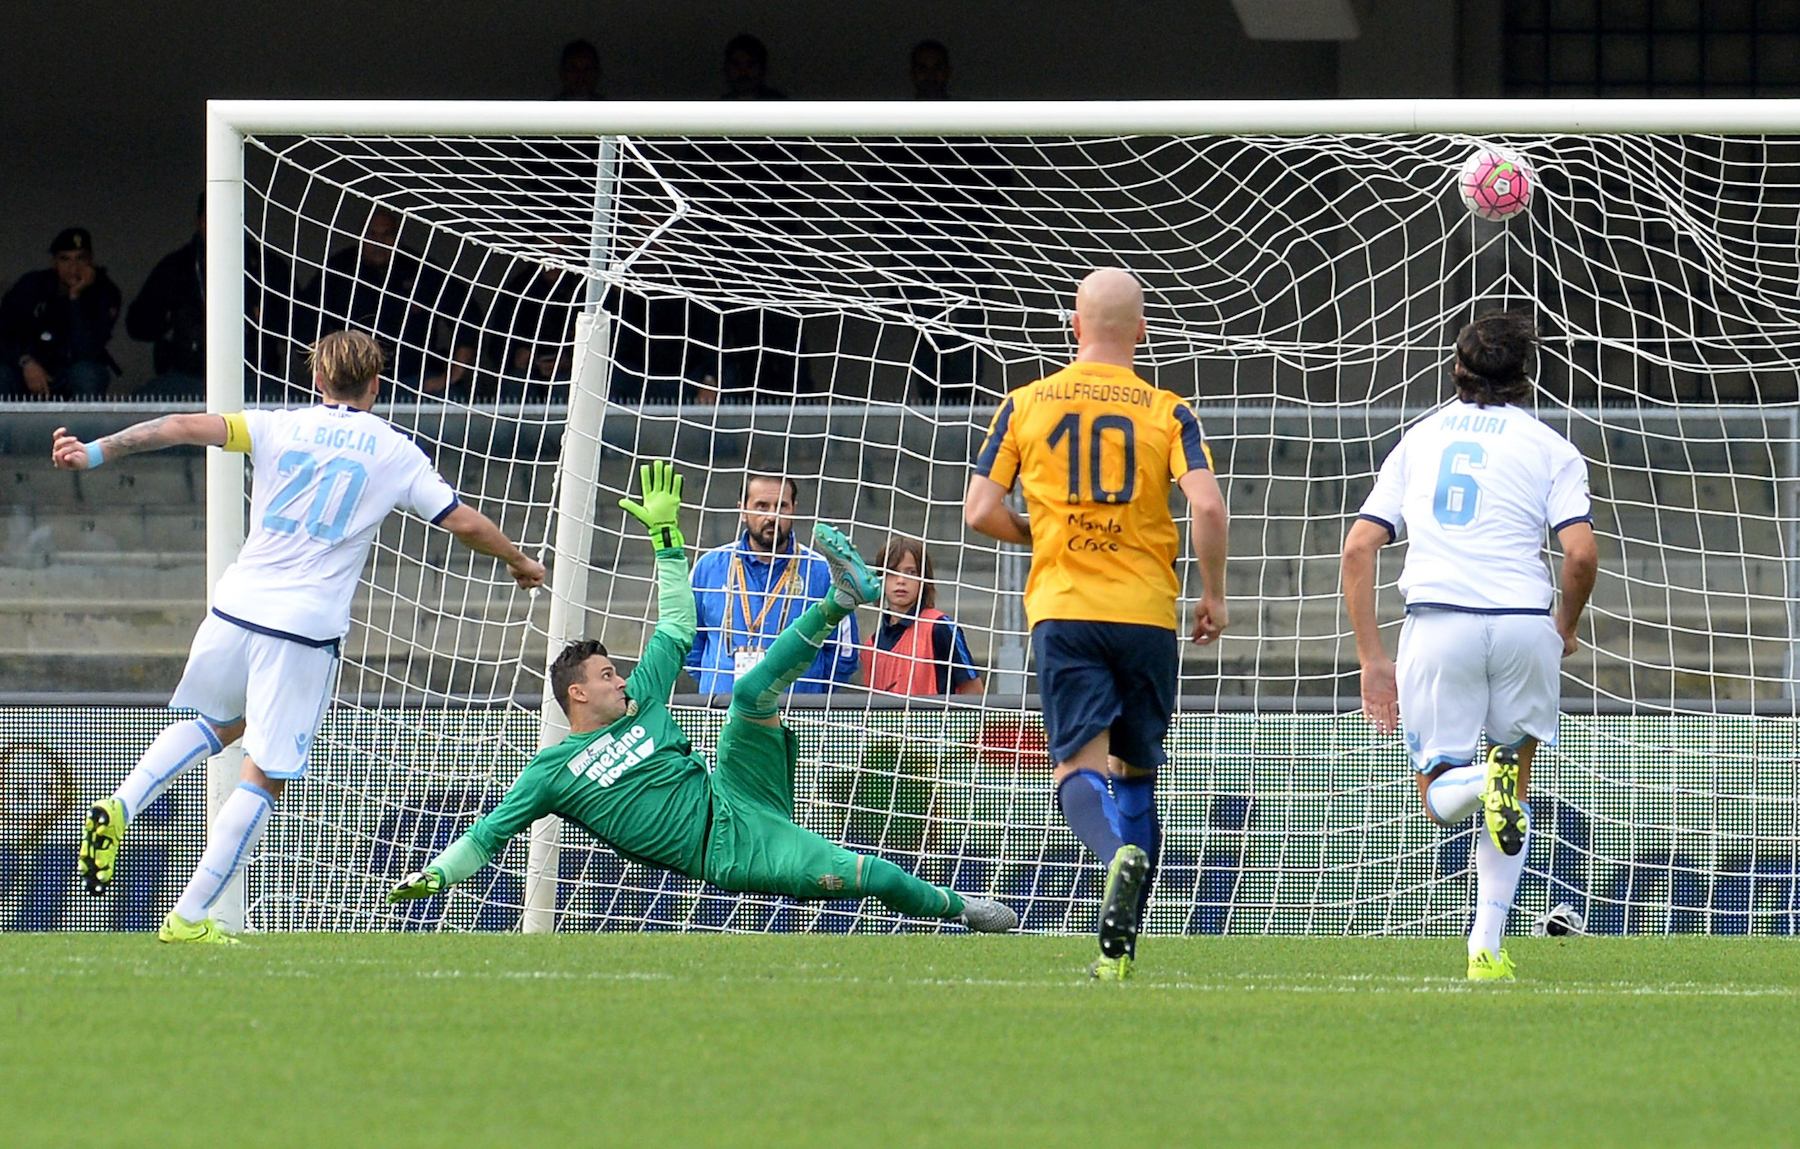 Lucas Biglia segna dagli undici metri il gol del momentaneo 1-0 durante la partita d'andata